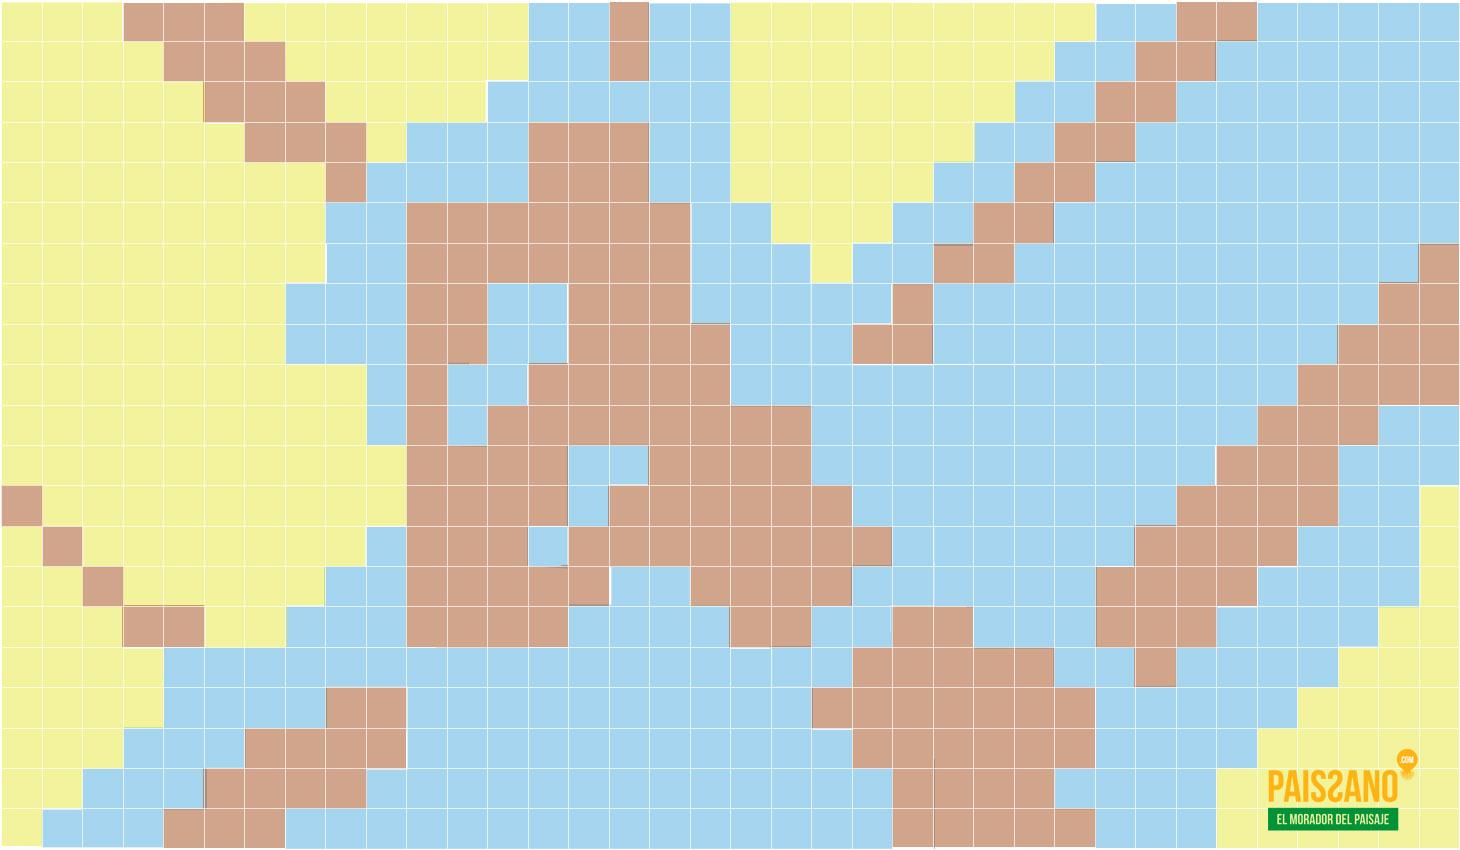 Diagrama Encuentro Rambla con Paseo de Almeria